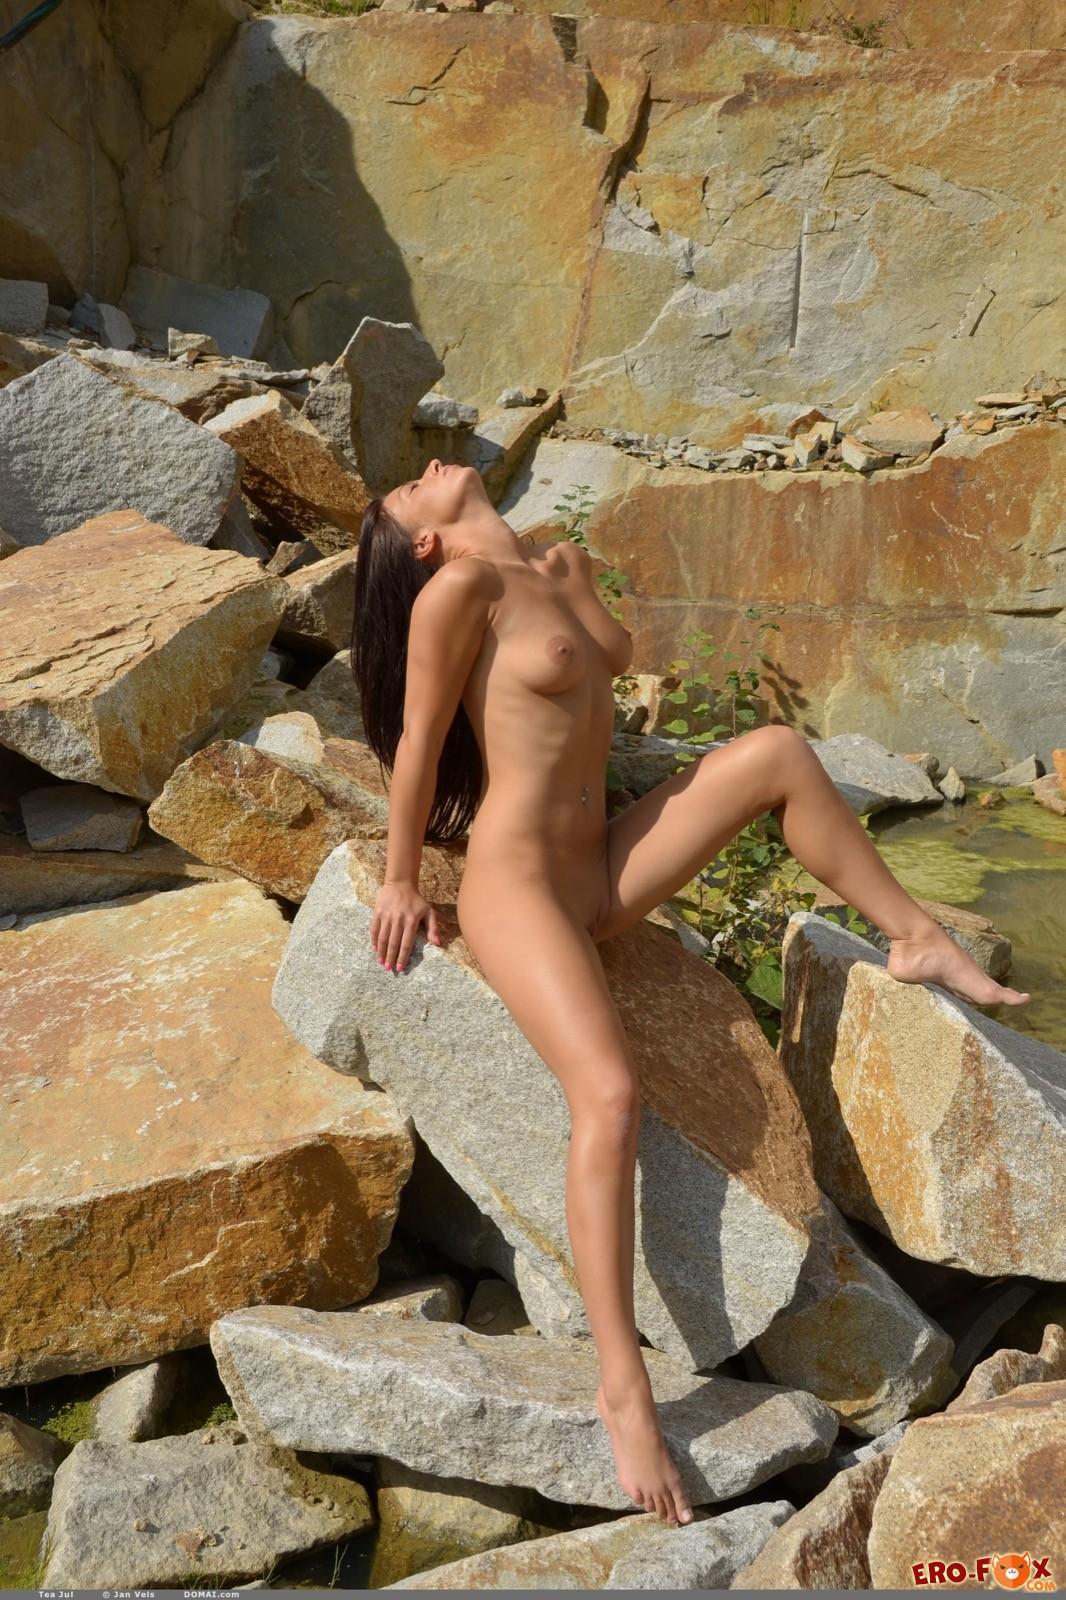 Милашка с упругими дойками показала голенькое тело